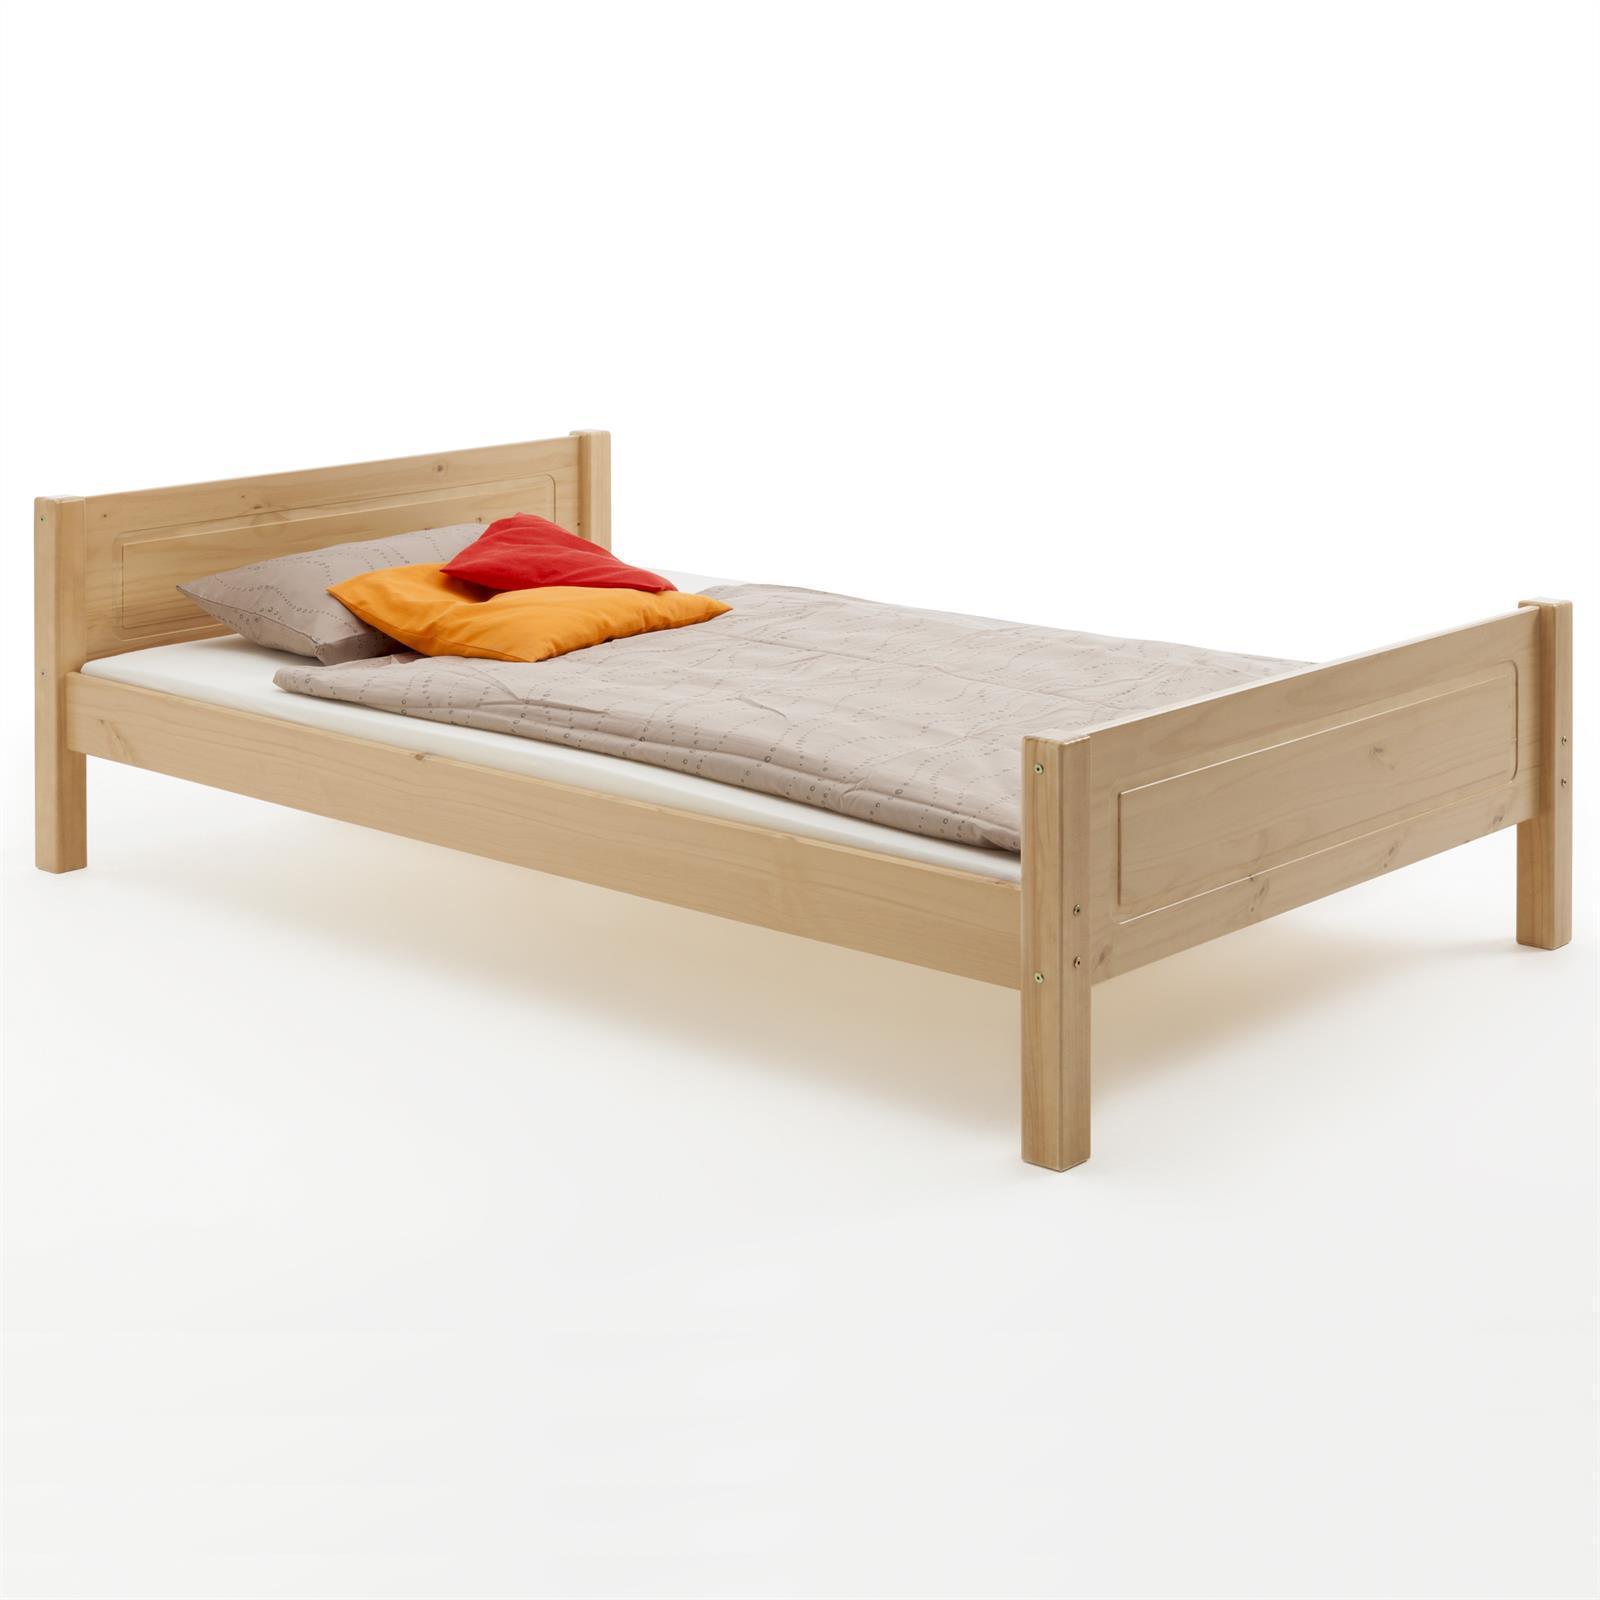 Holzbett einzelbett doppelbett landhausbett kiefer in 4 for Einzelbett 140x200